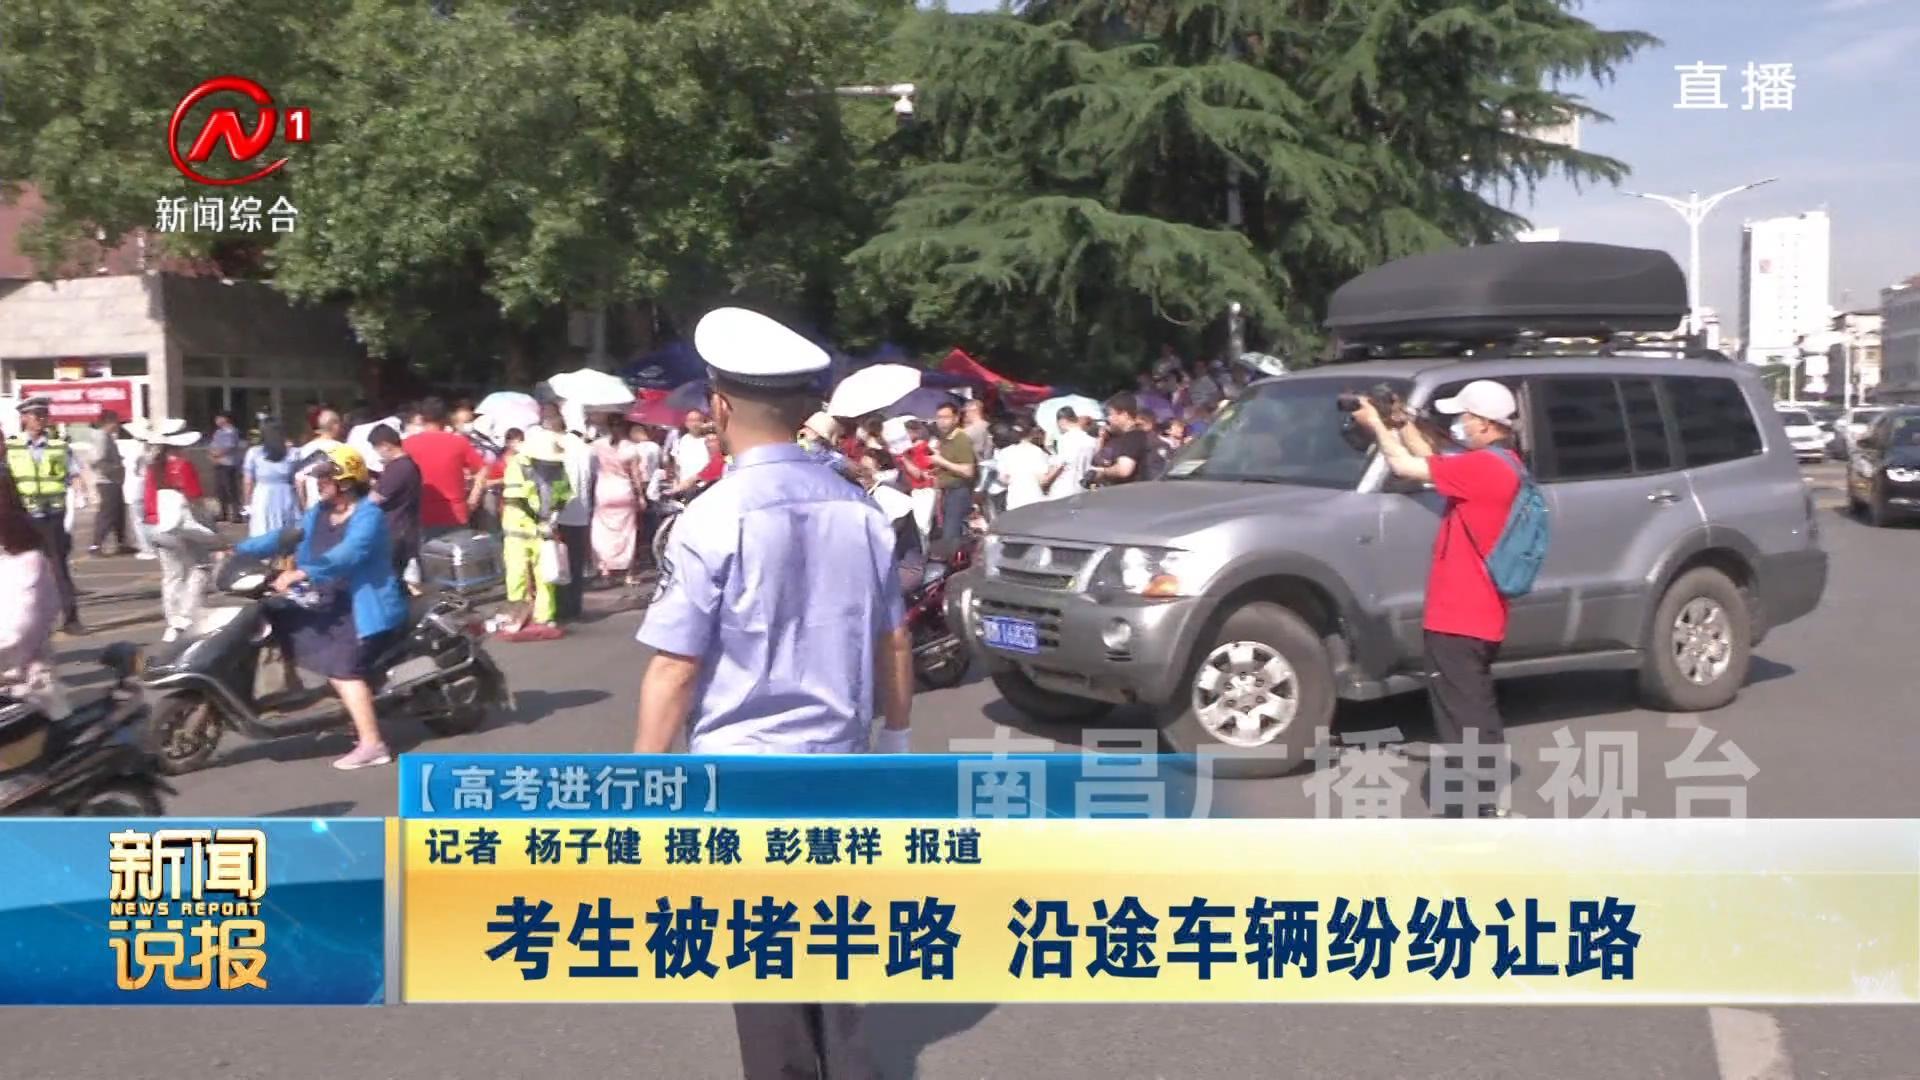 考生被堵半路 沿途车辆纷纷让路